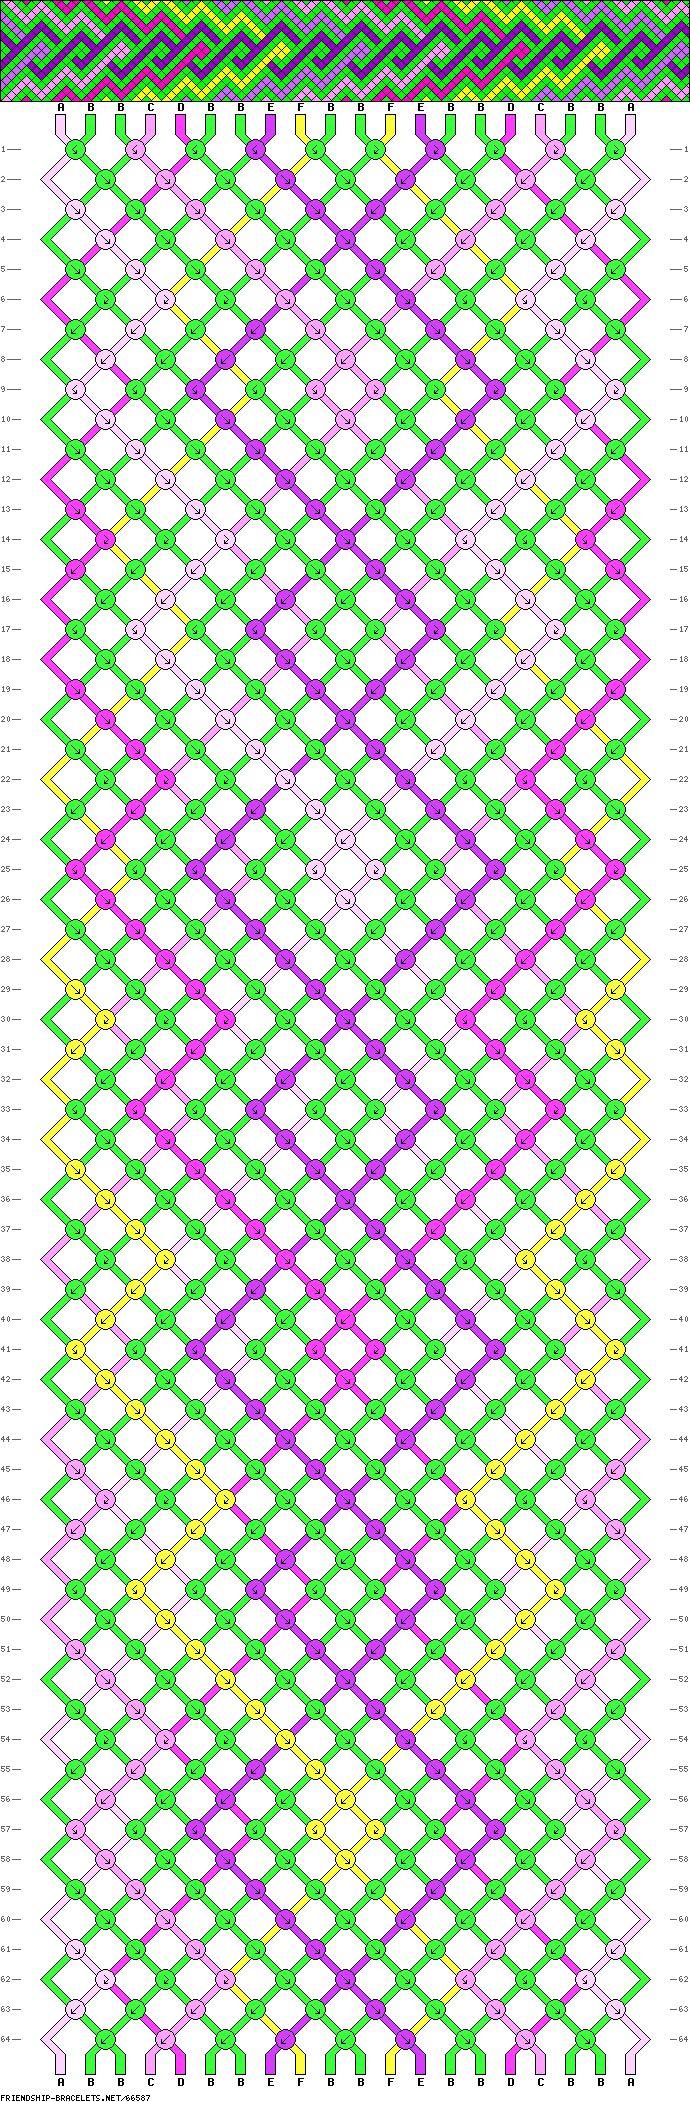 Плетение фенечек из бисера на станке схемы фото